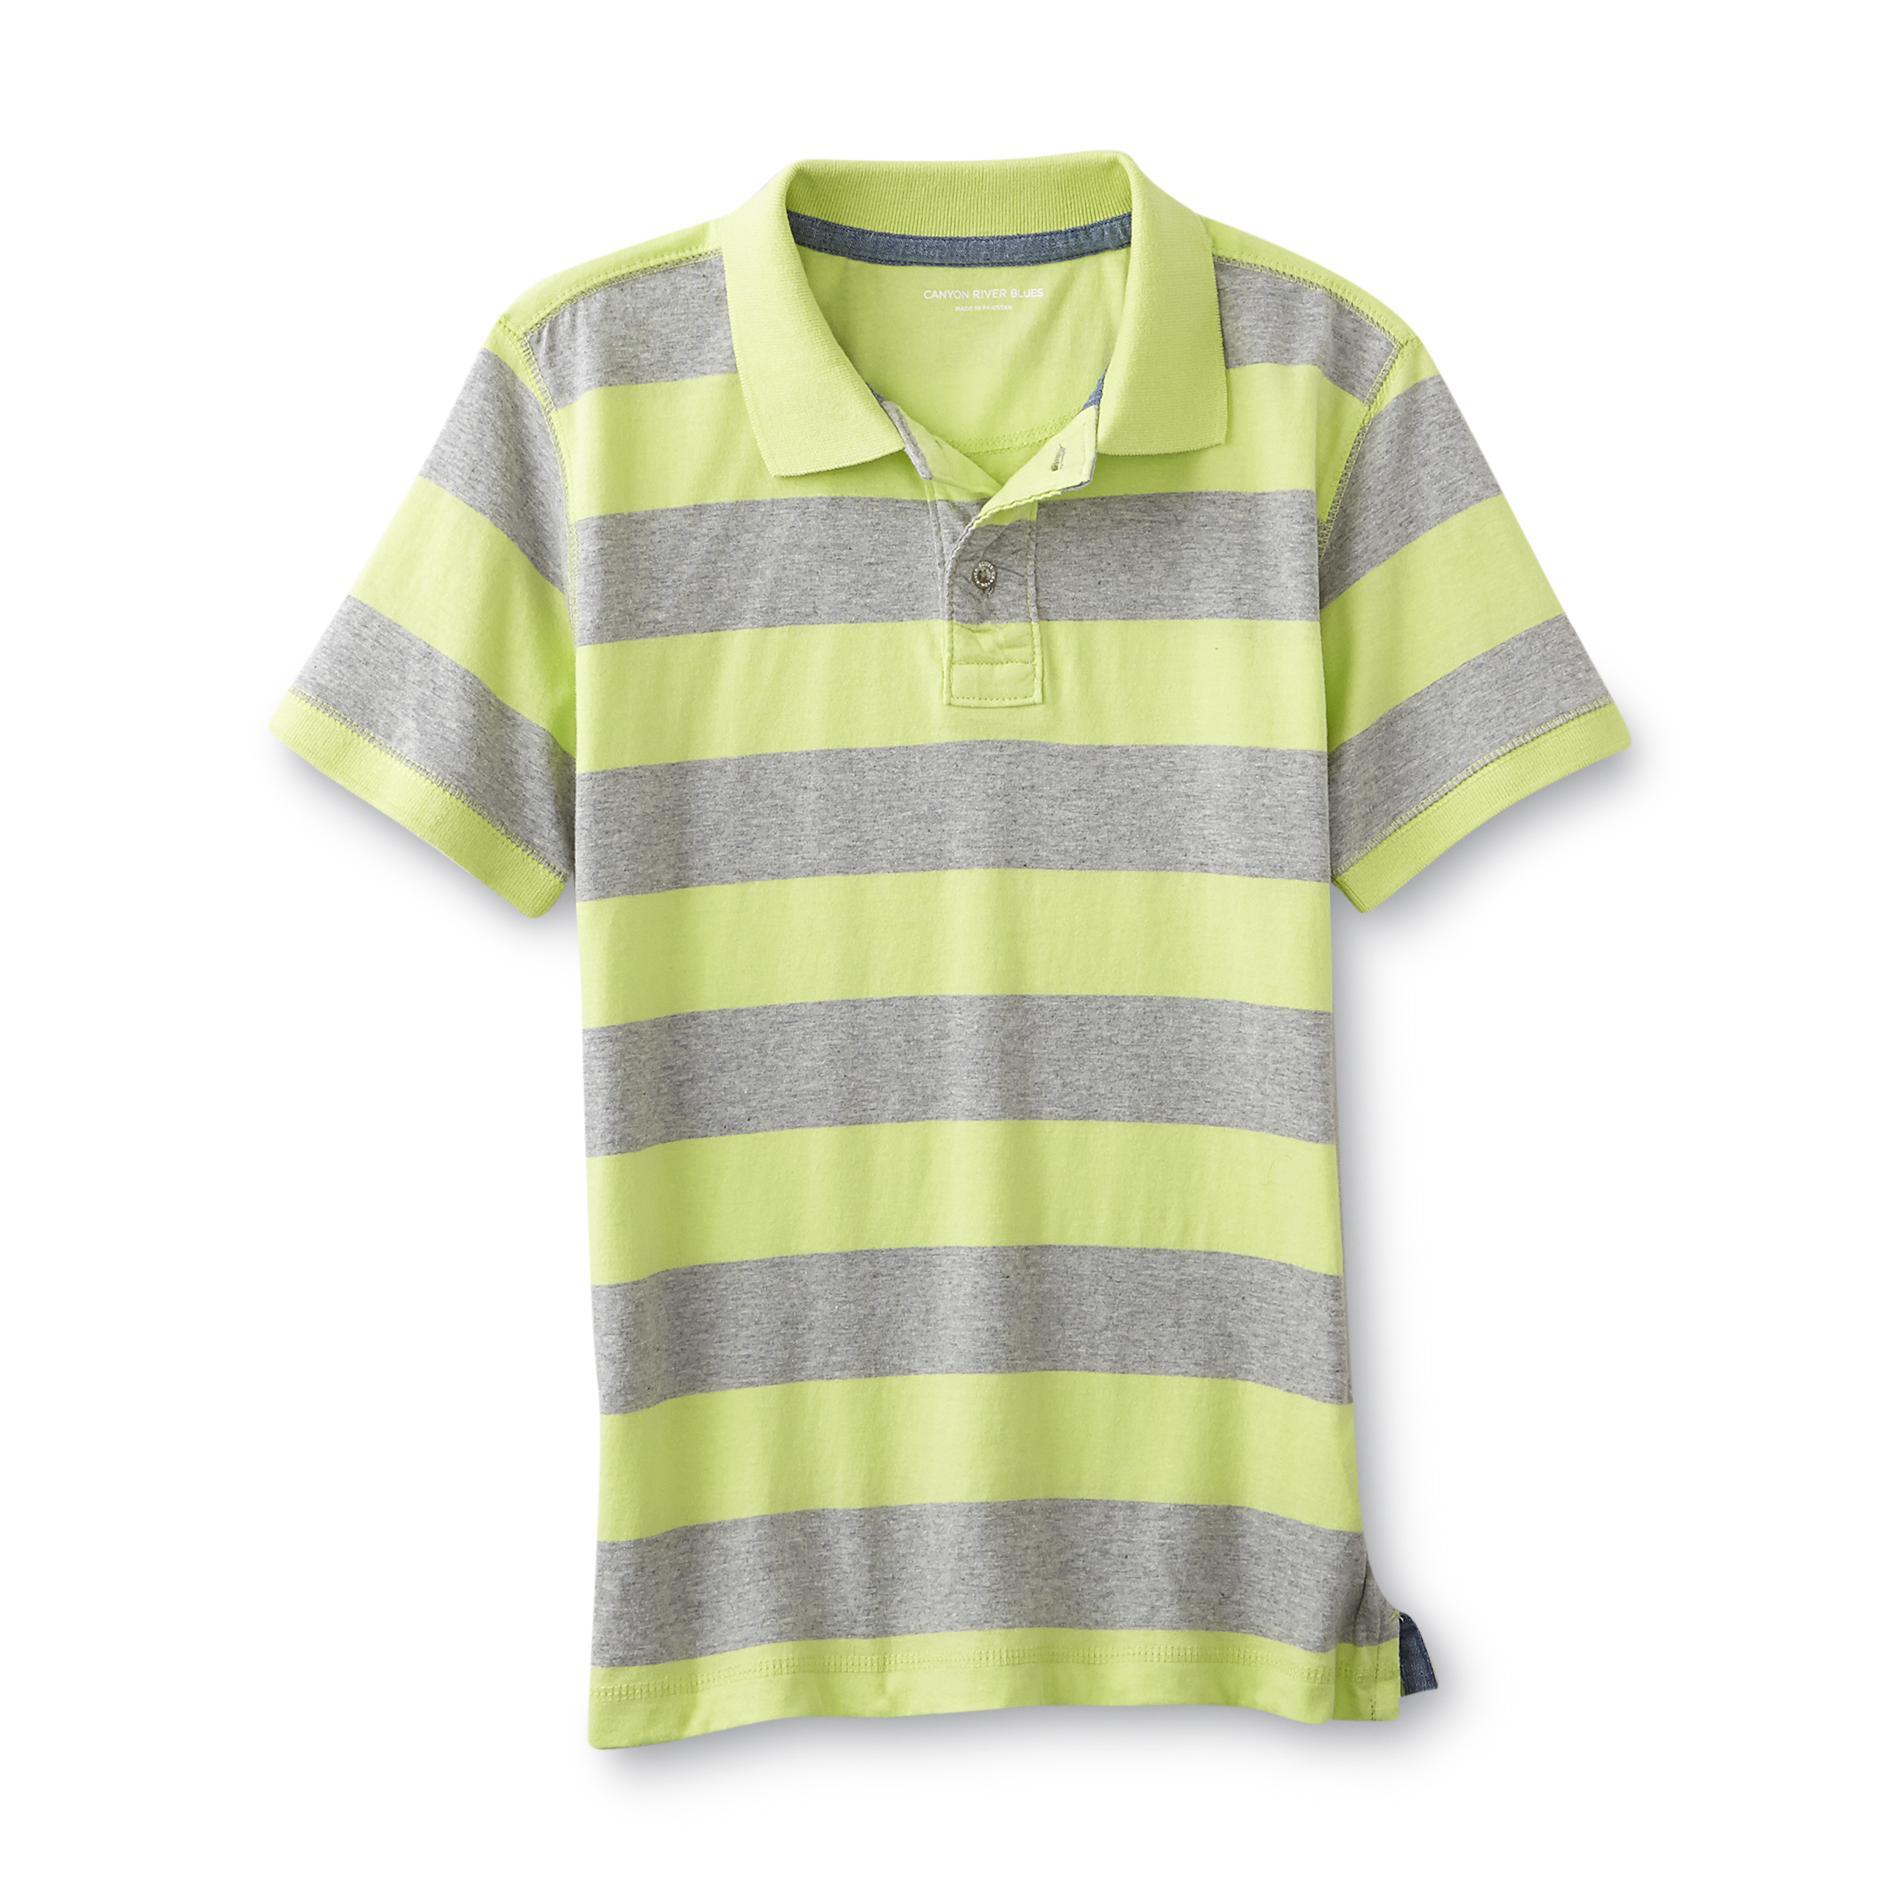 Boy's Polo Shirt - Striped